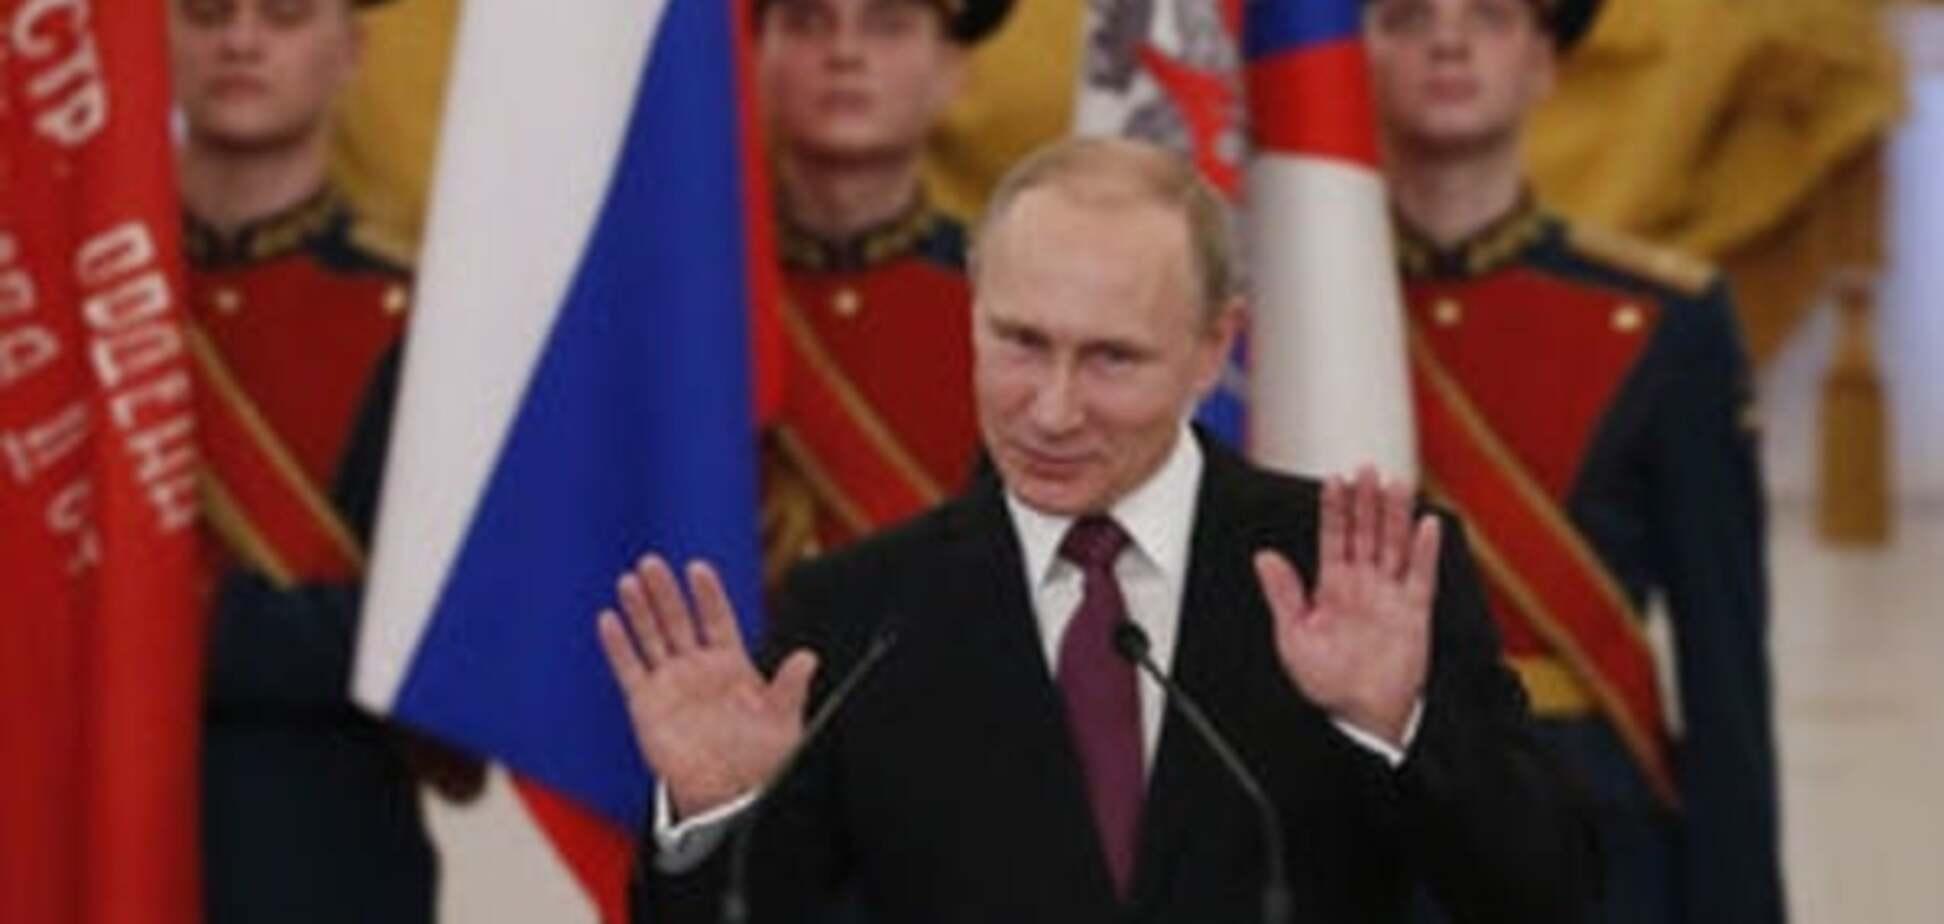 Пионтковский раскрыл шулерство России по Минску-2